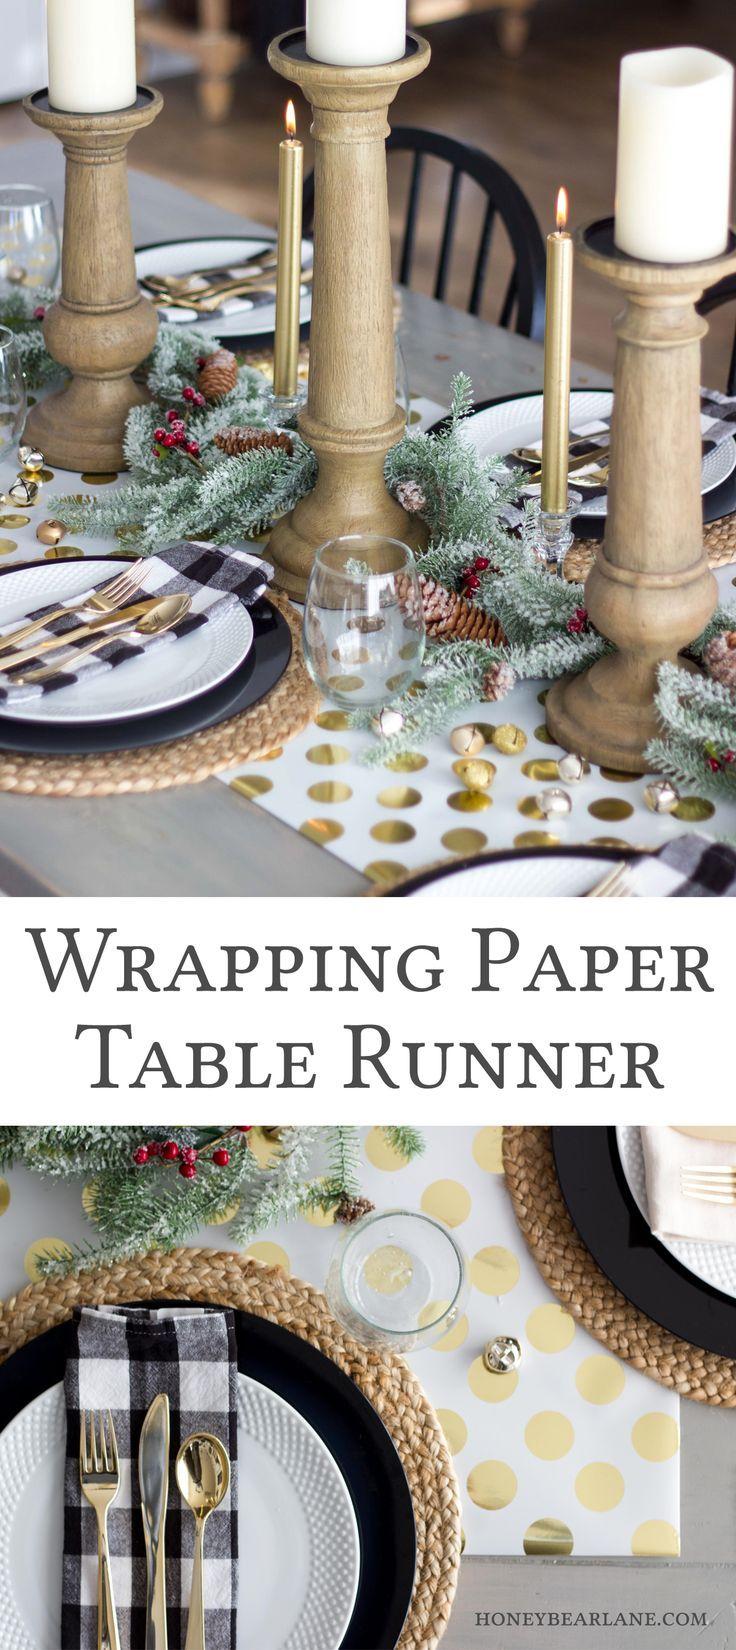 Easy Wrapping Paper Table Runner - Honeybear Lane #christmasdiy  #christmasdecor